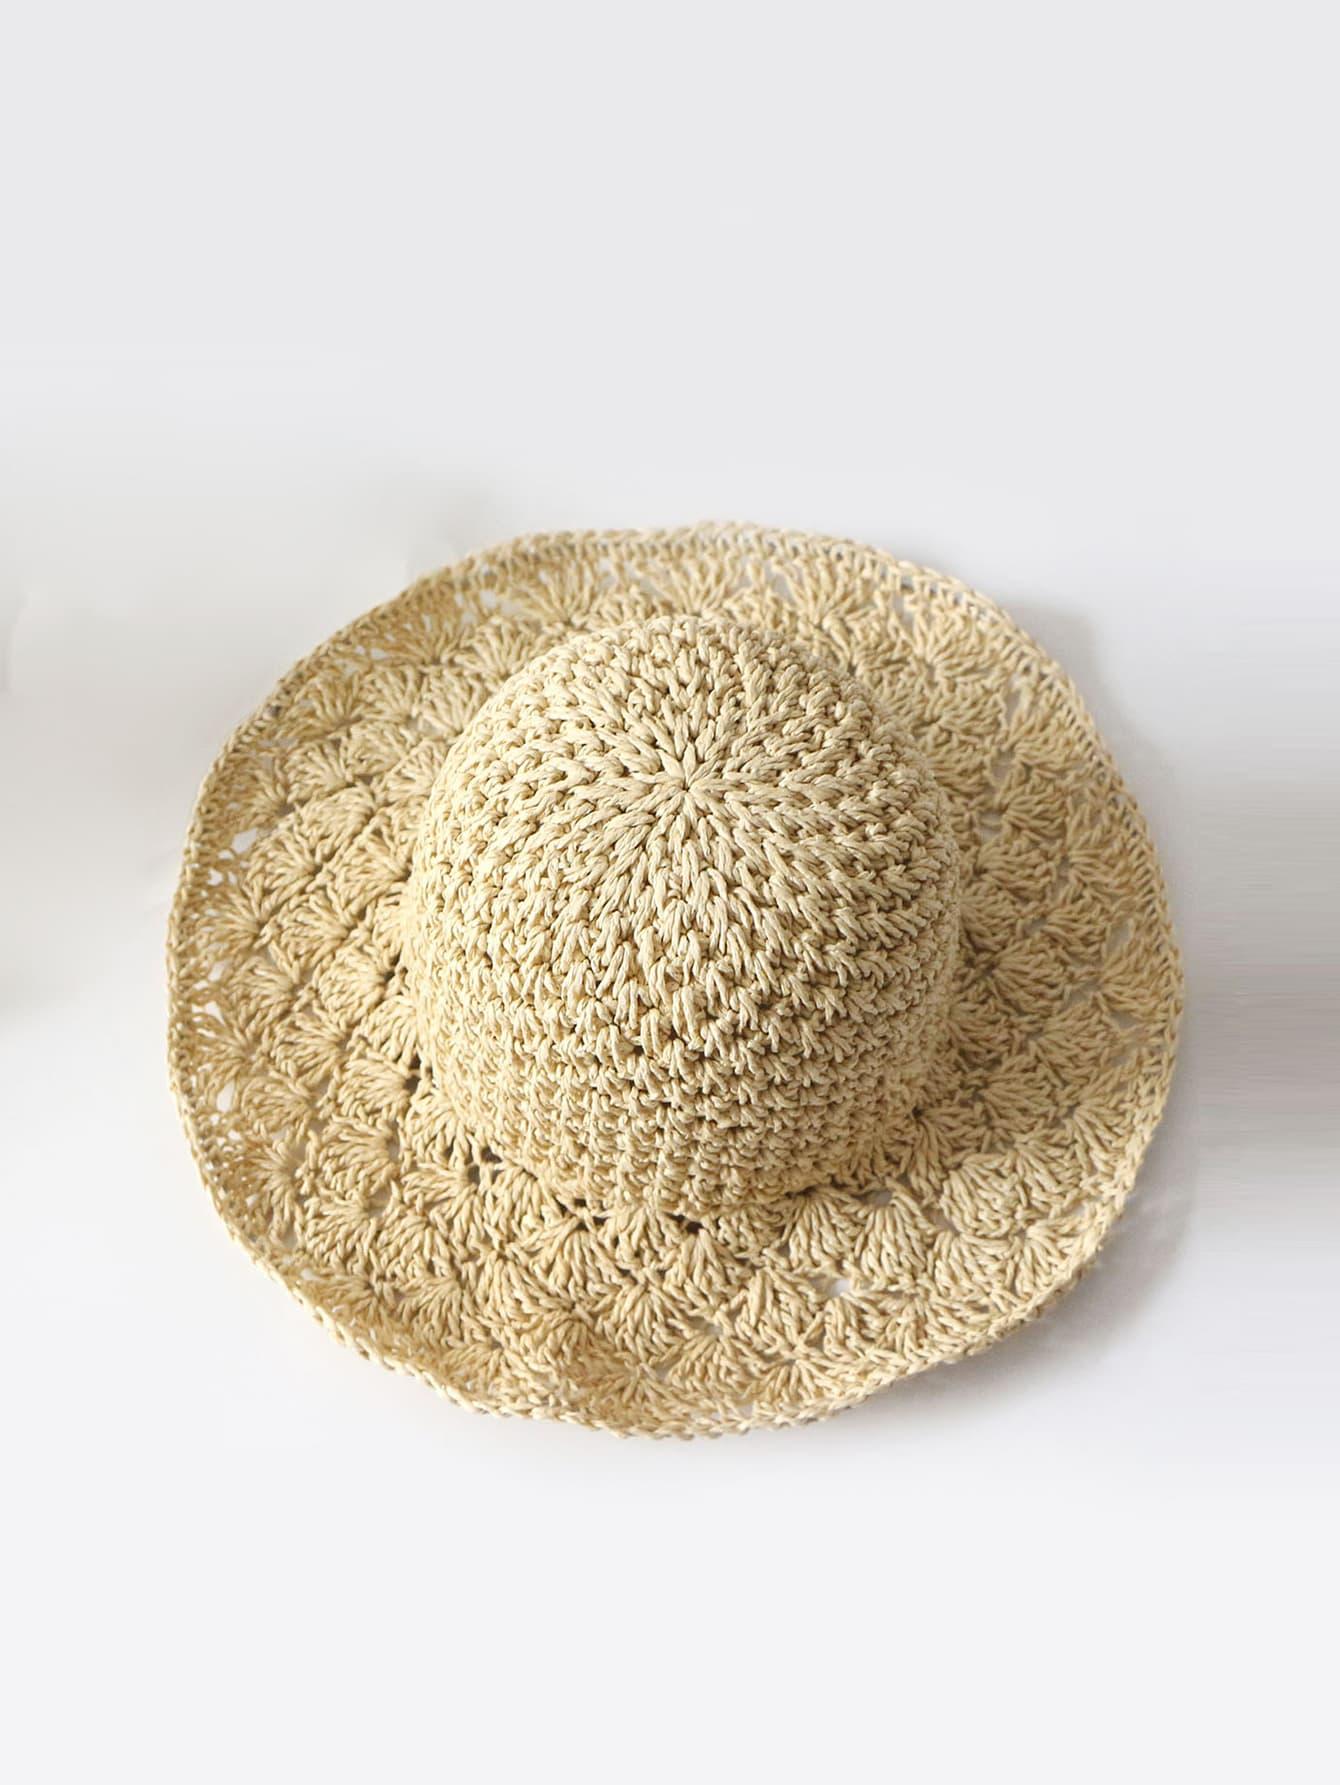 Minimalist Straw Hat